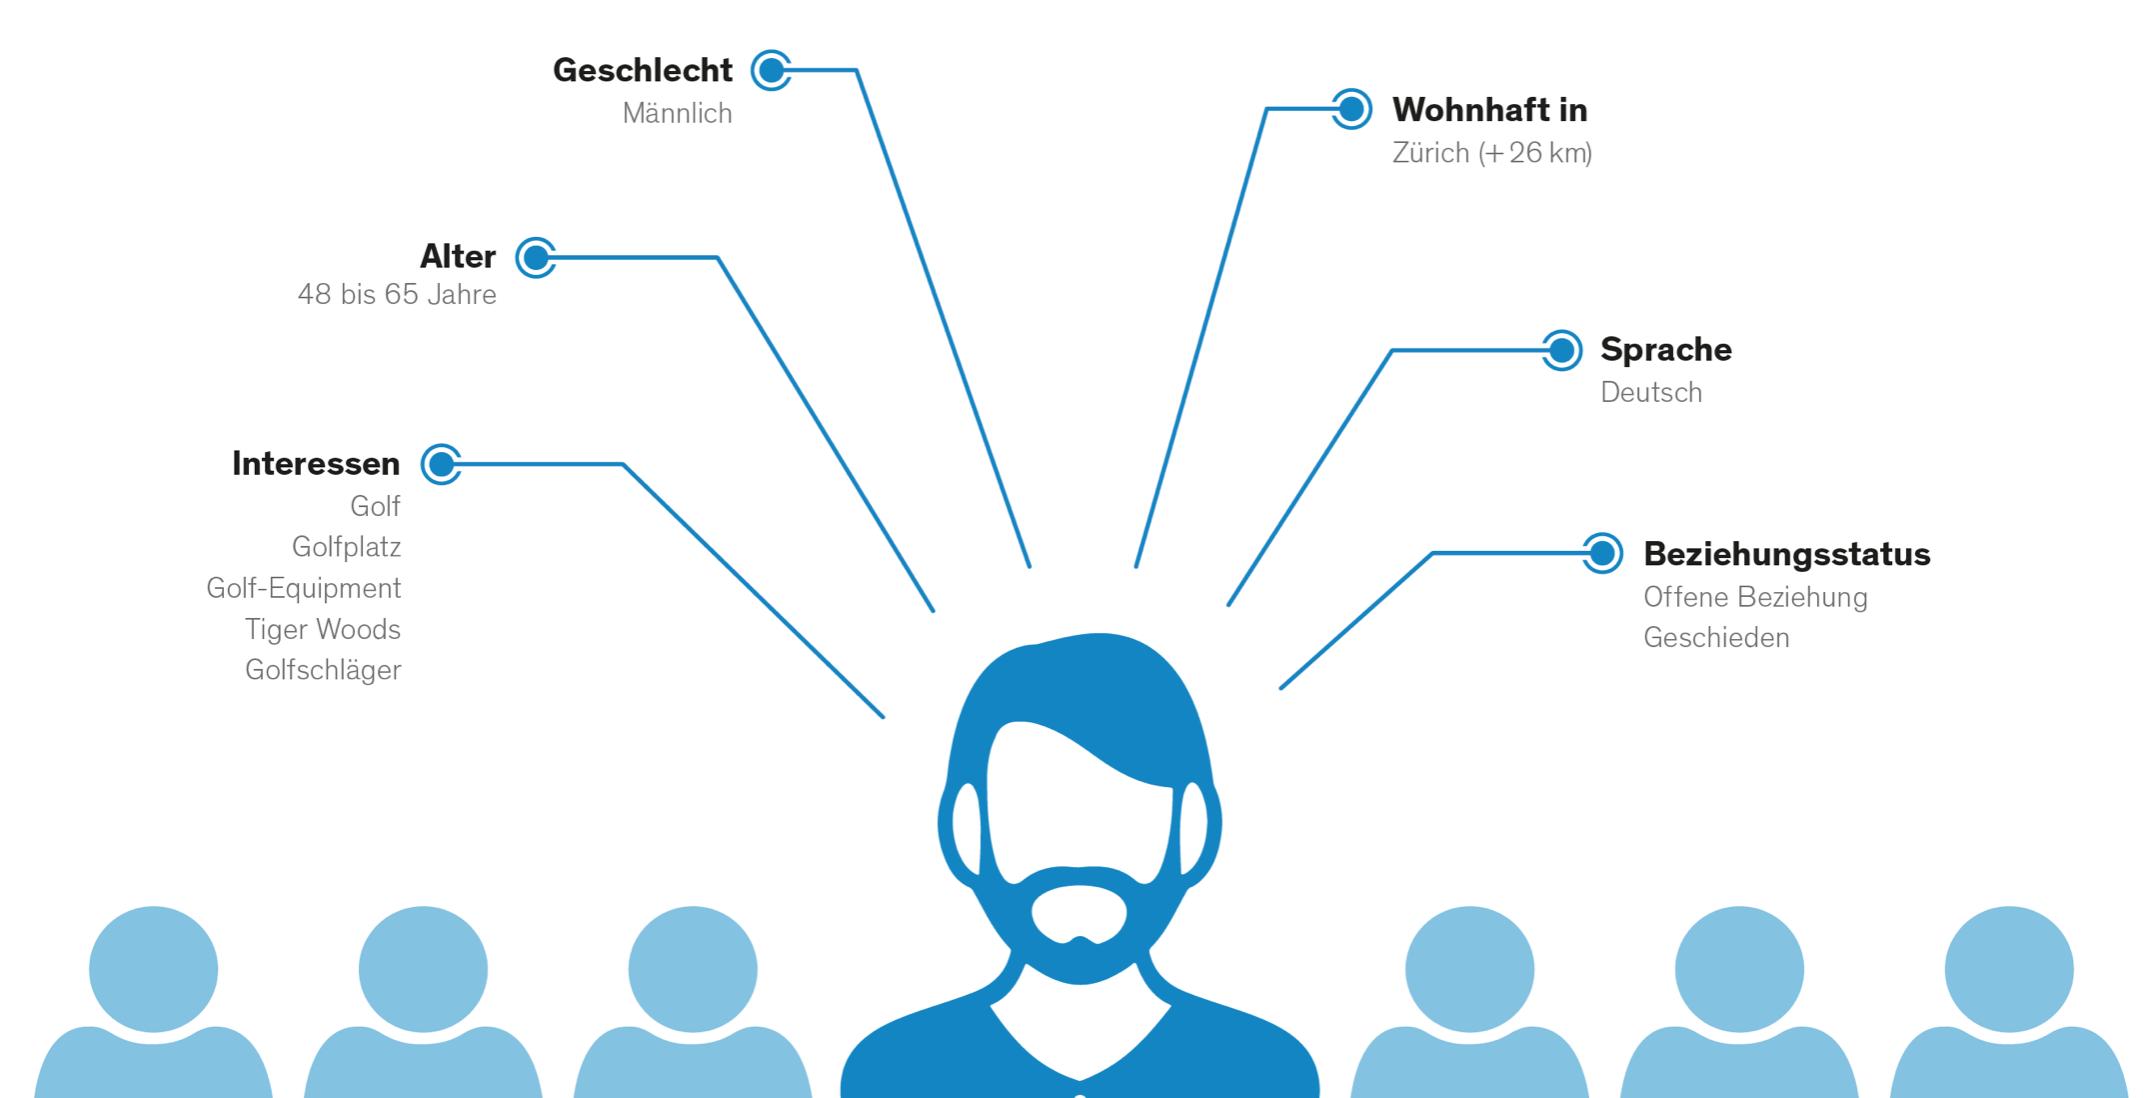 Schnappschuss (2018-03-16 19.32.59)